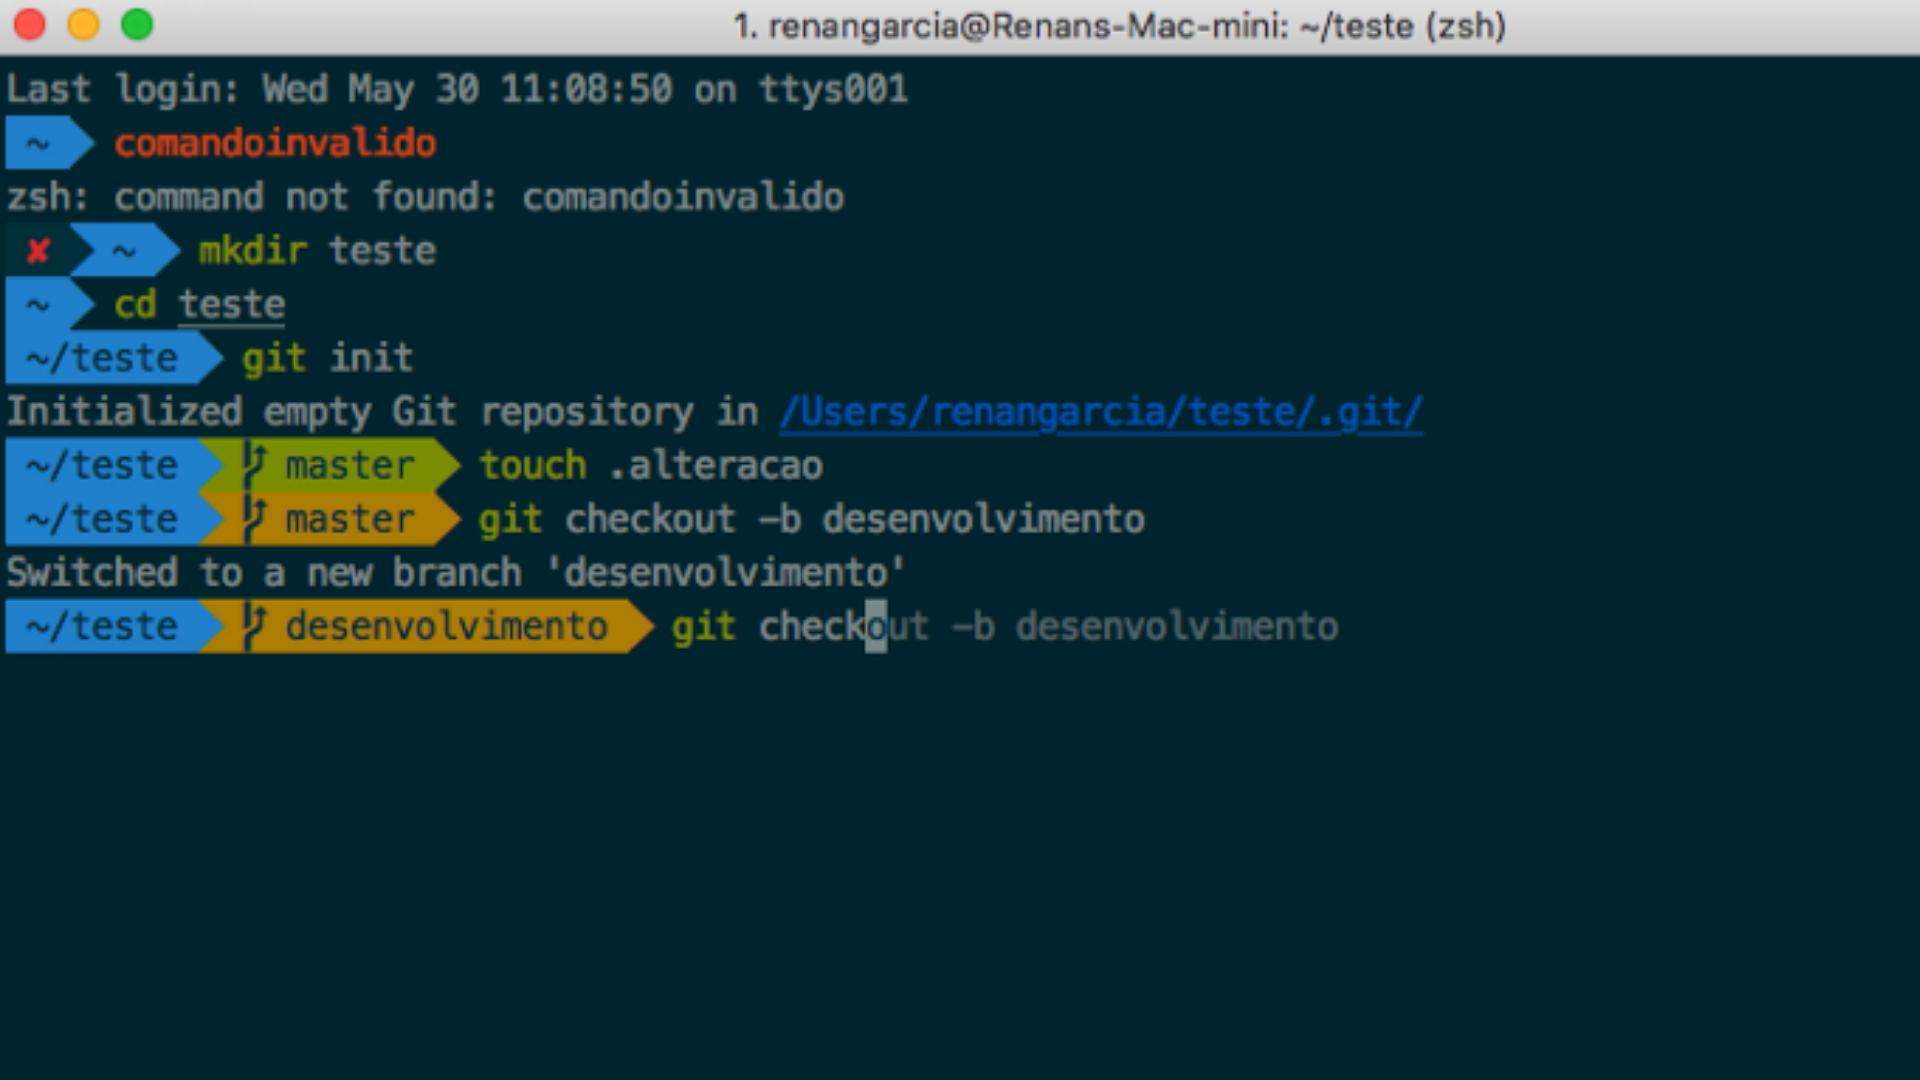 Como ter um terminal mais produtivo e cool no macOS e Linux?